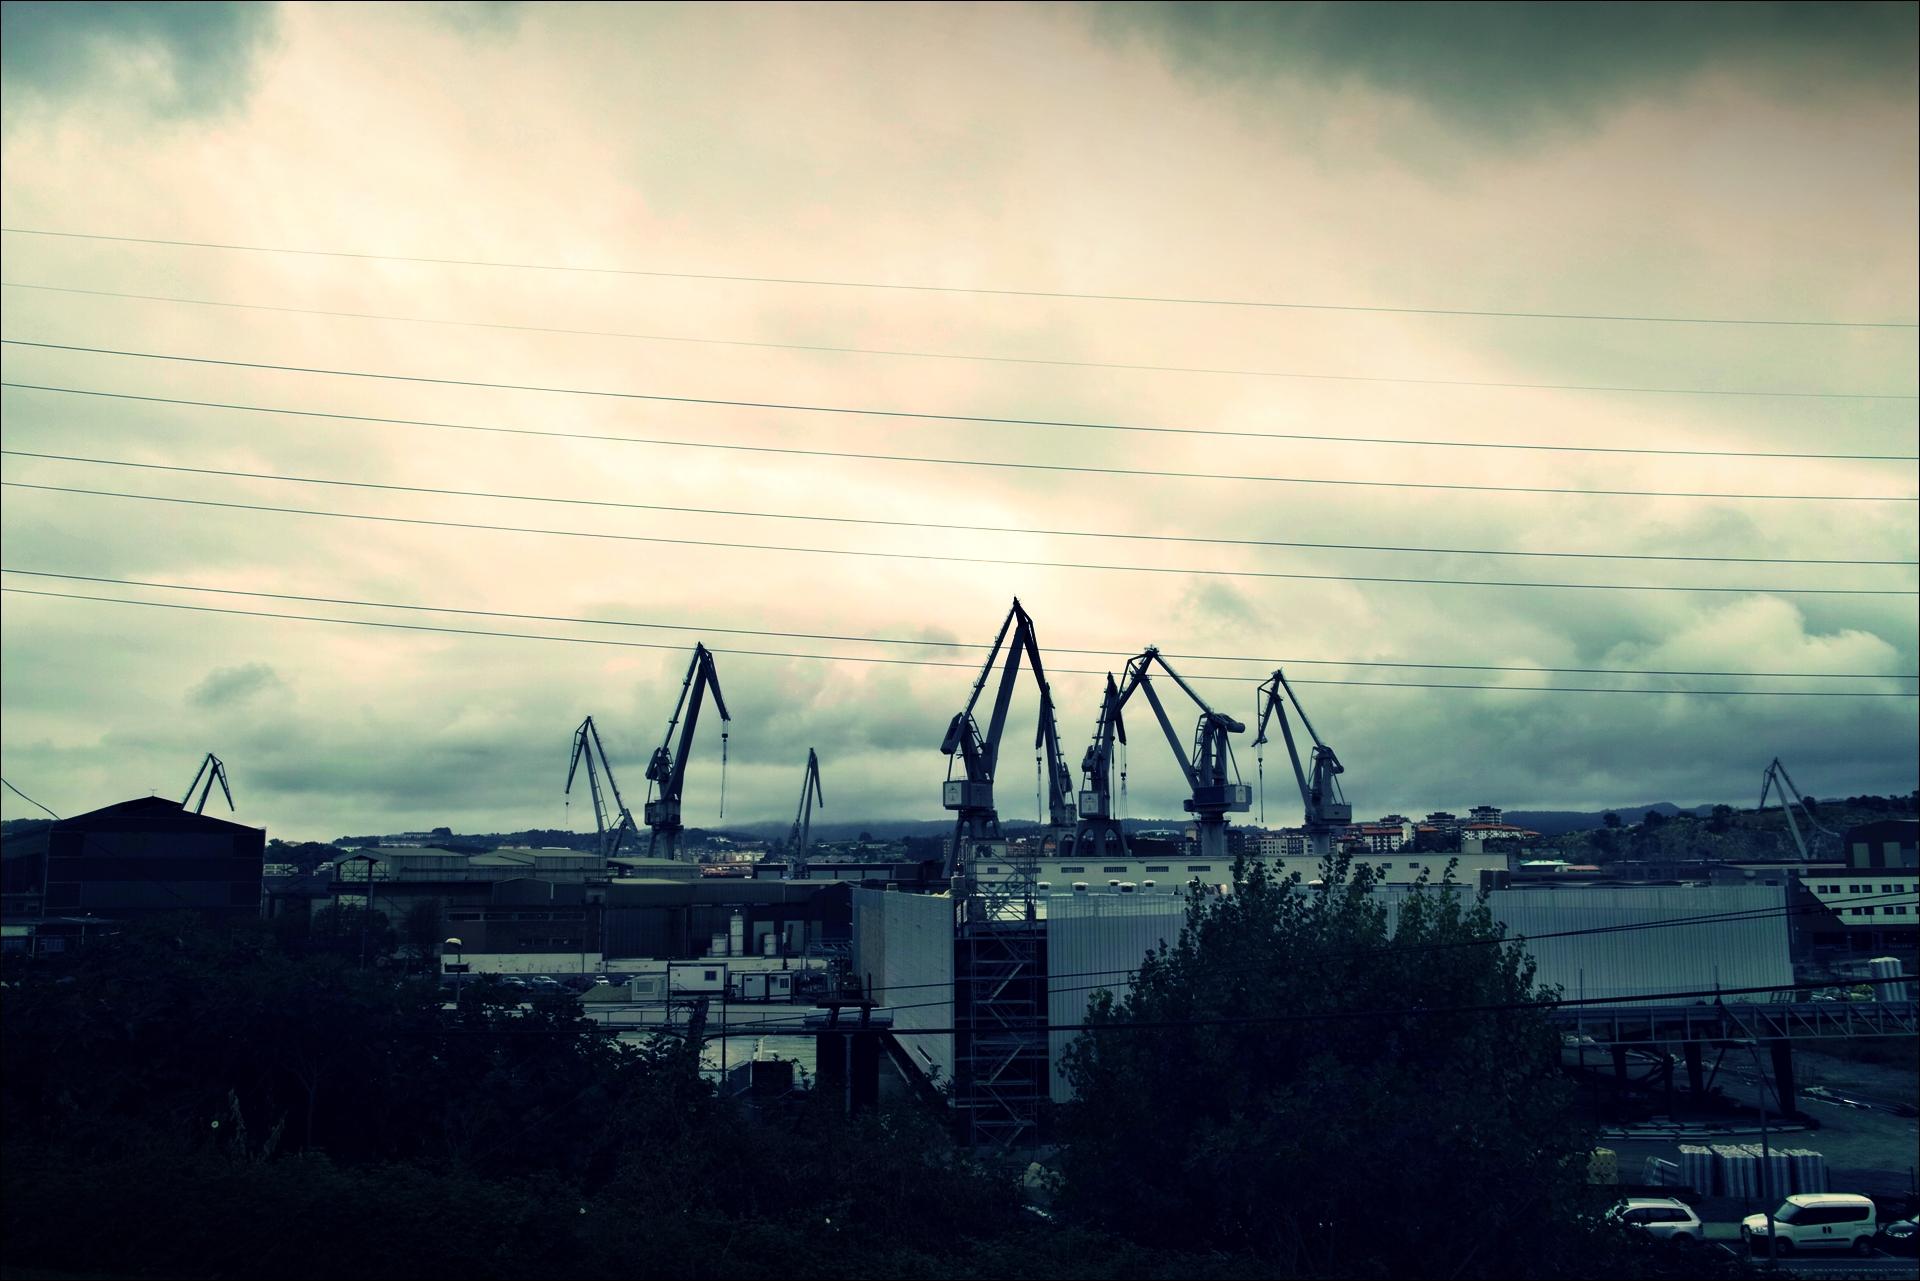 회색 도시-'카미노 데 산티아고 북쪽길. 빌바오에서 포르투갈레테. (Camino del Norte - Bilbao to Portugalete)'